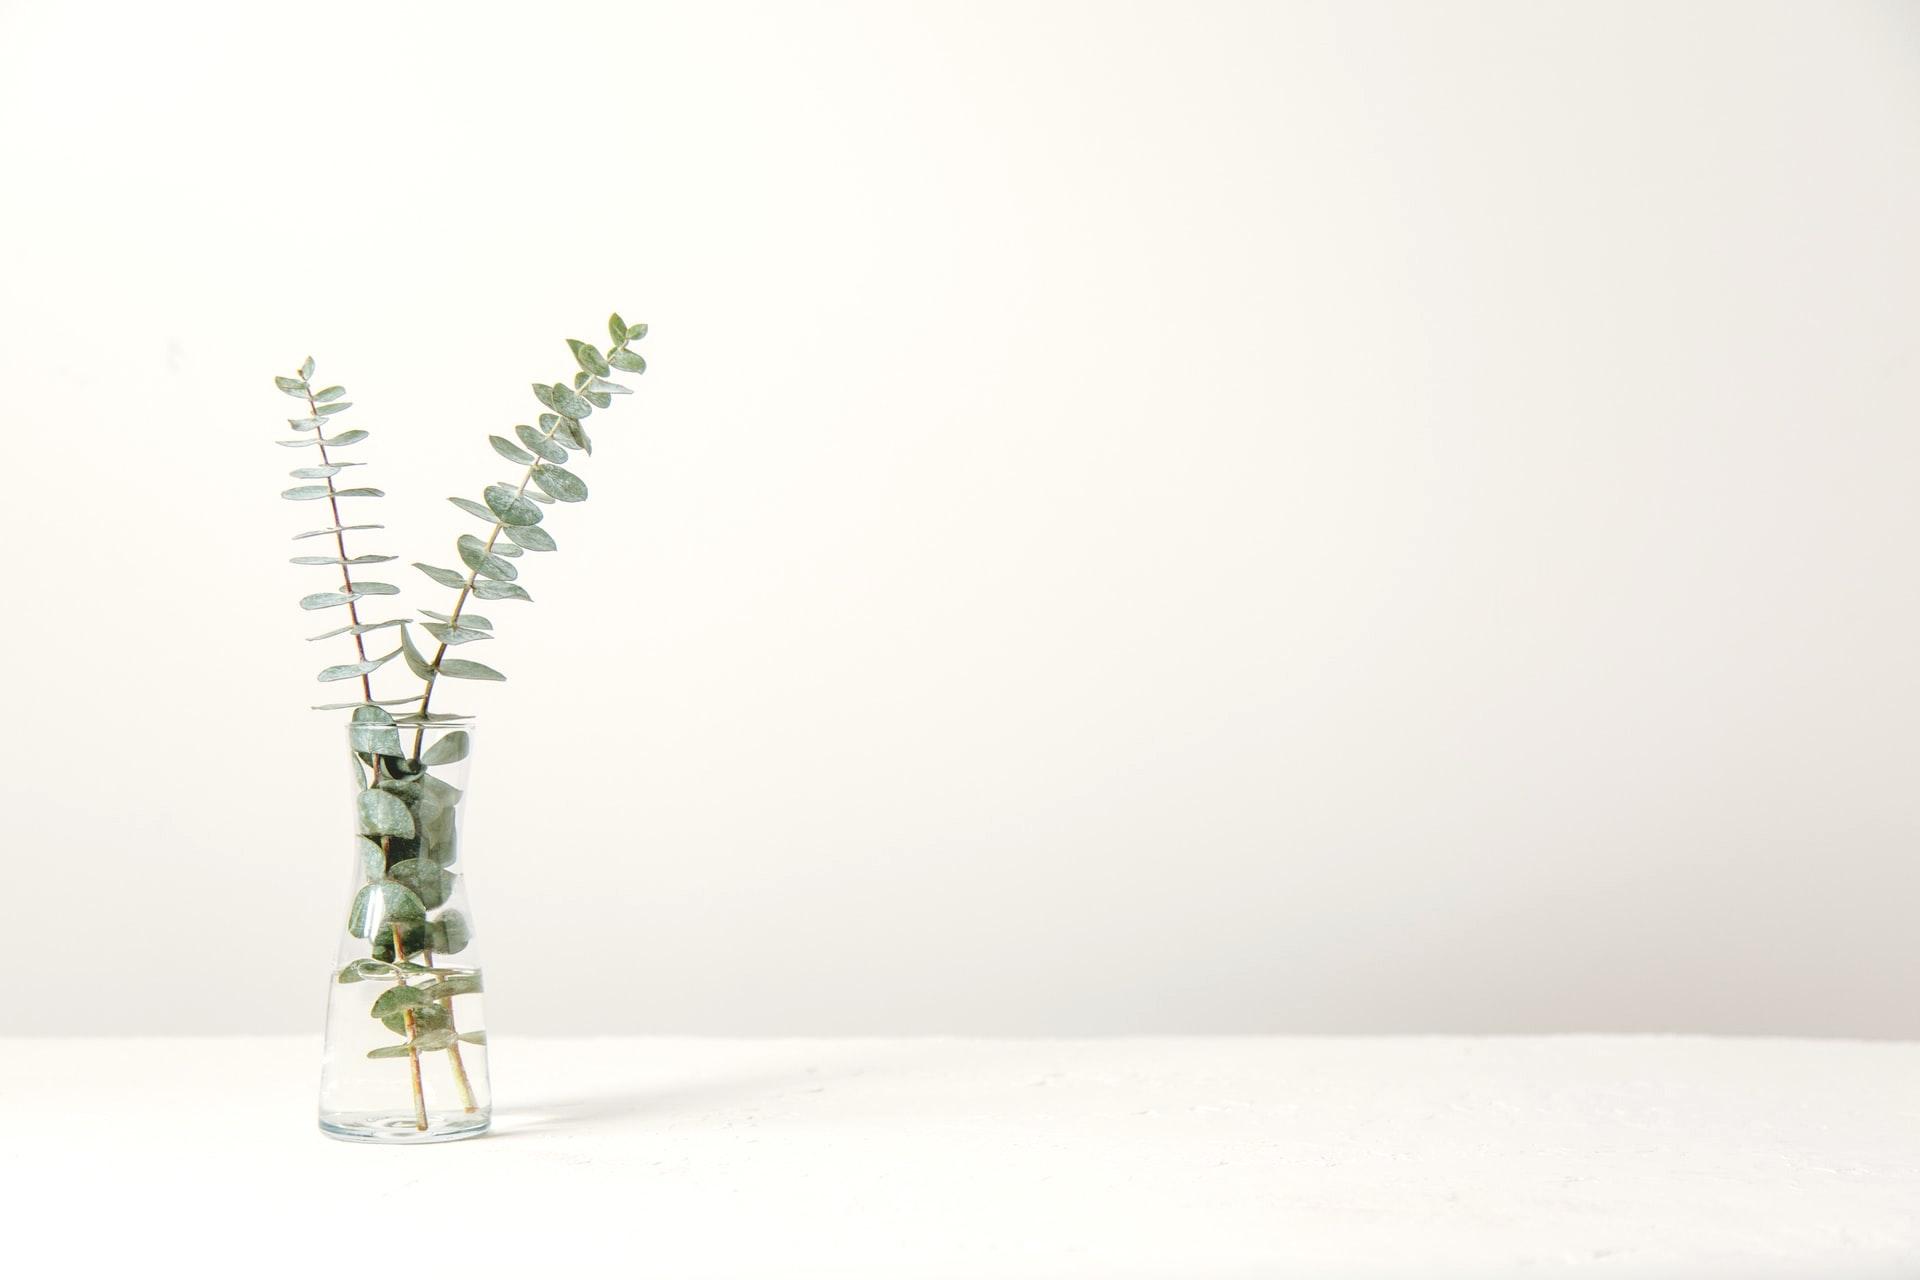 小顔サロンなじらね・ヘッダー画像/花器に生けられたオリーブの枝